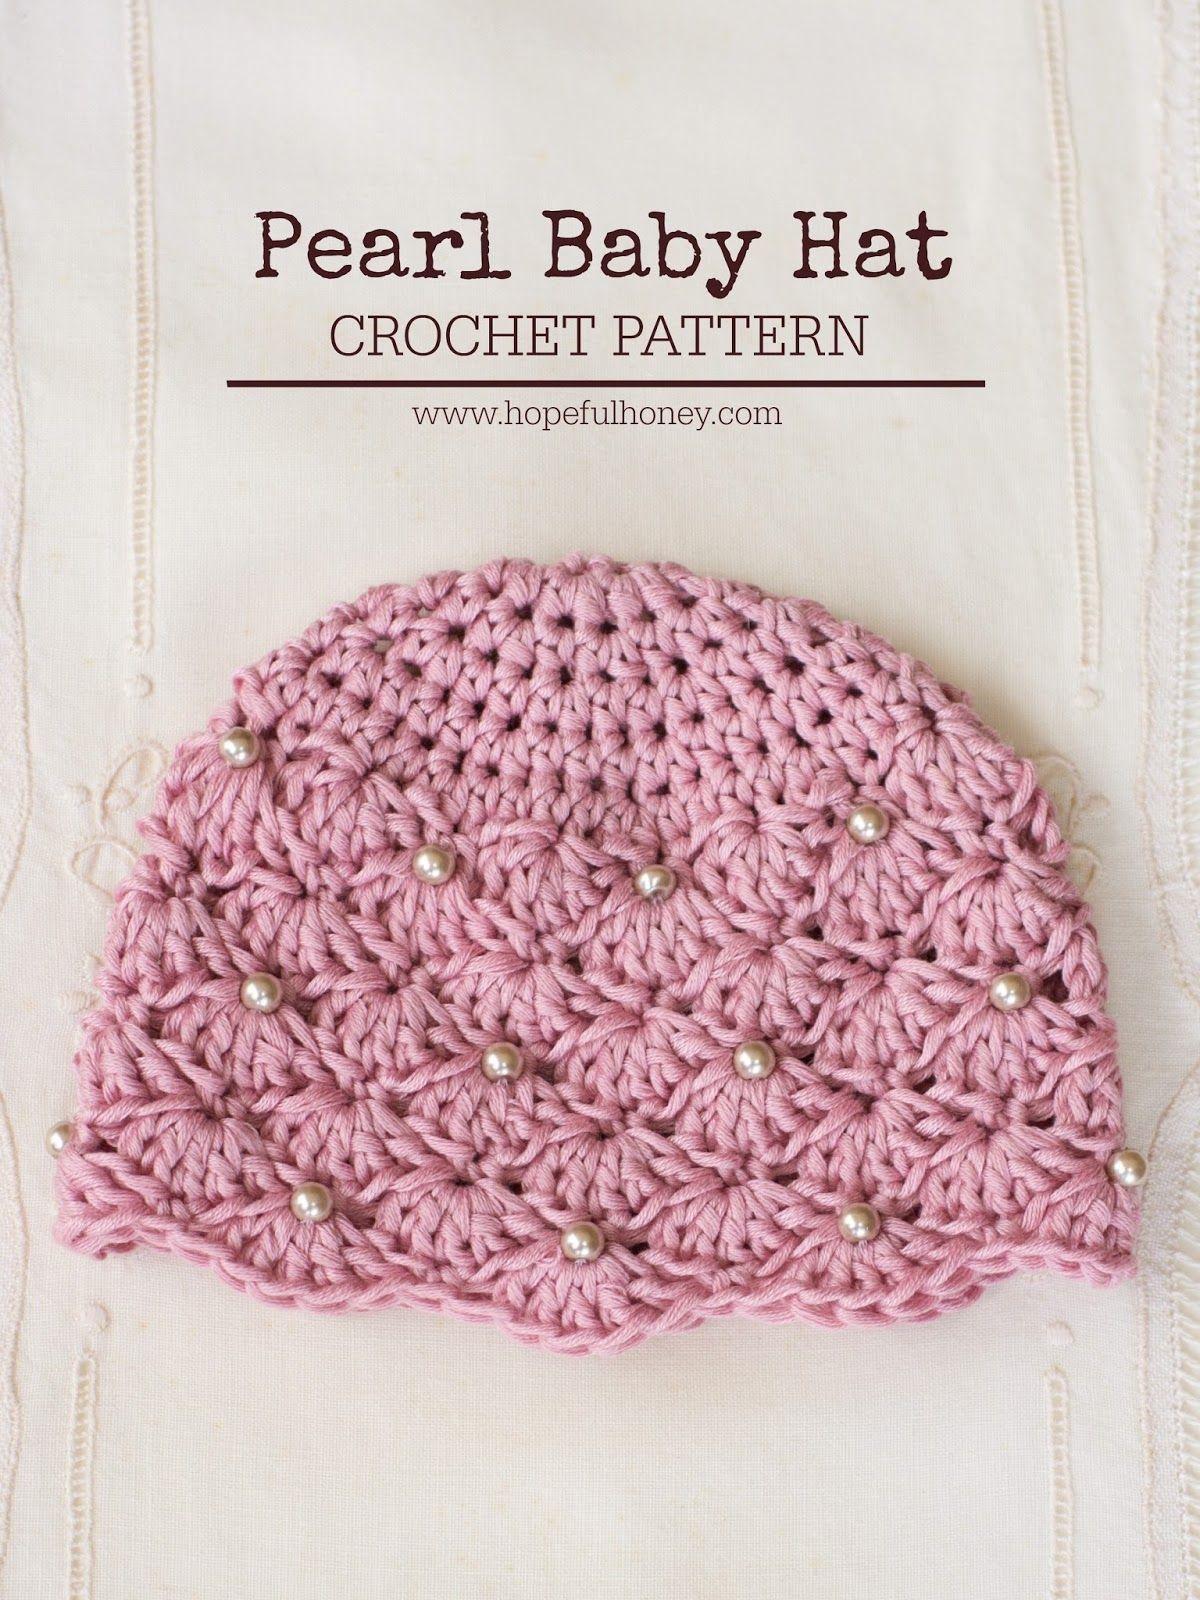 Vintage pearl baby hat free crochet pattern vintage style vintage pearl baby hat free crochet pattern bankloansurffo Gallery